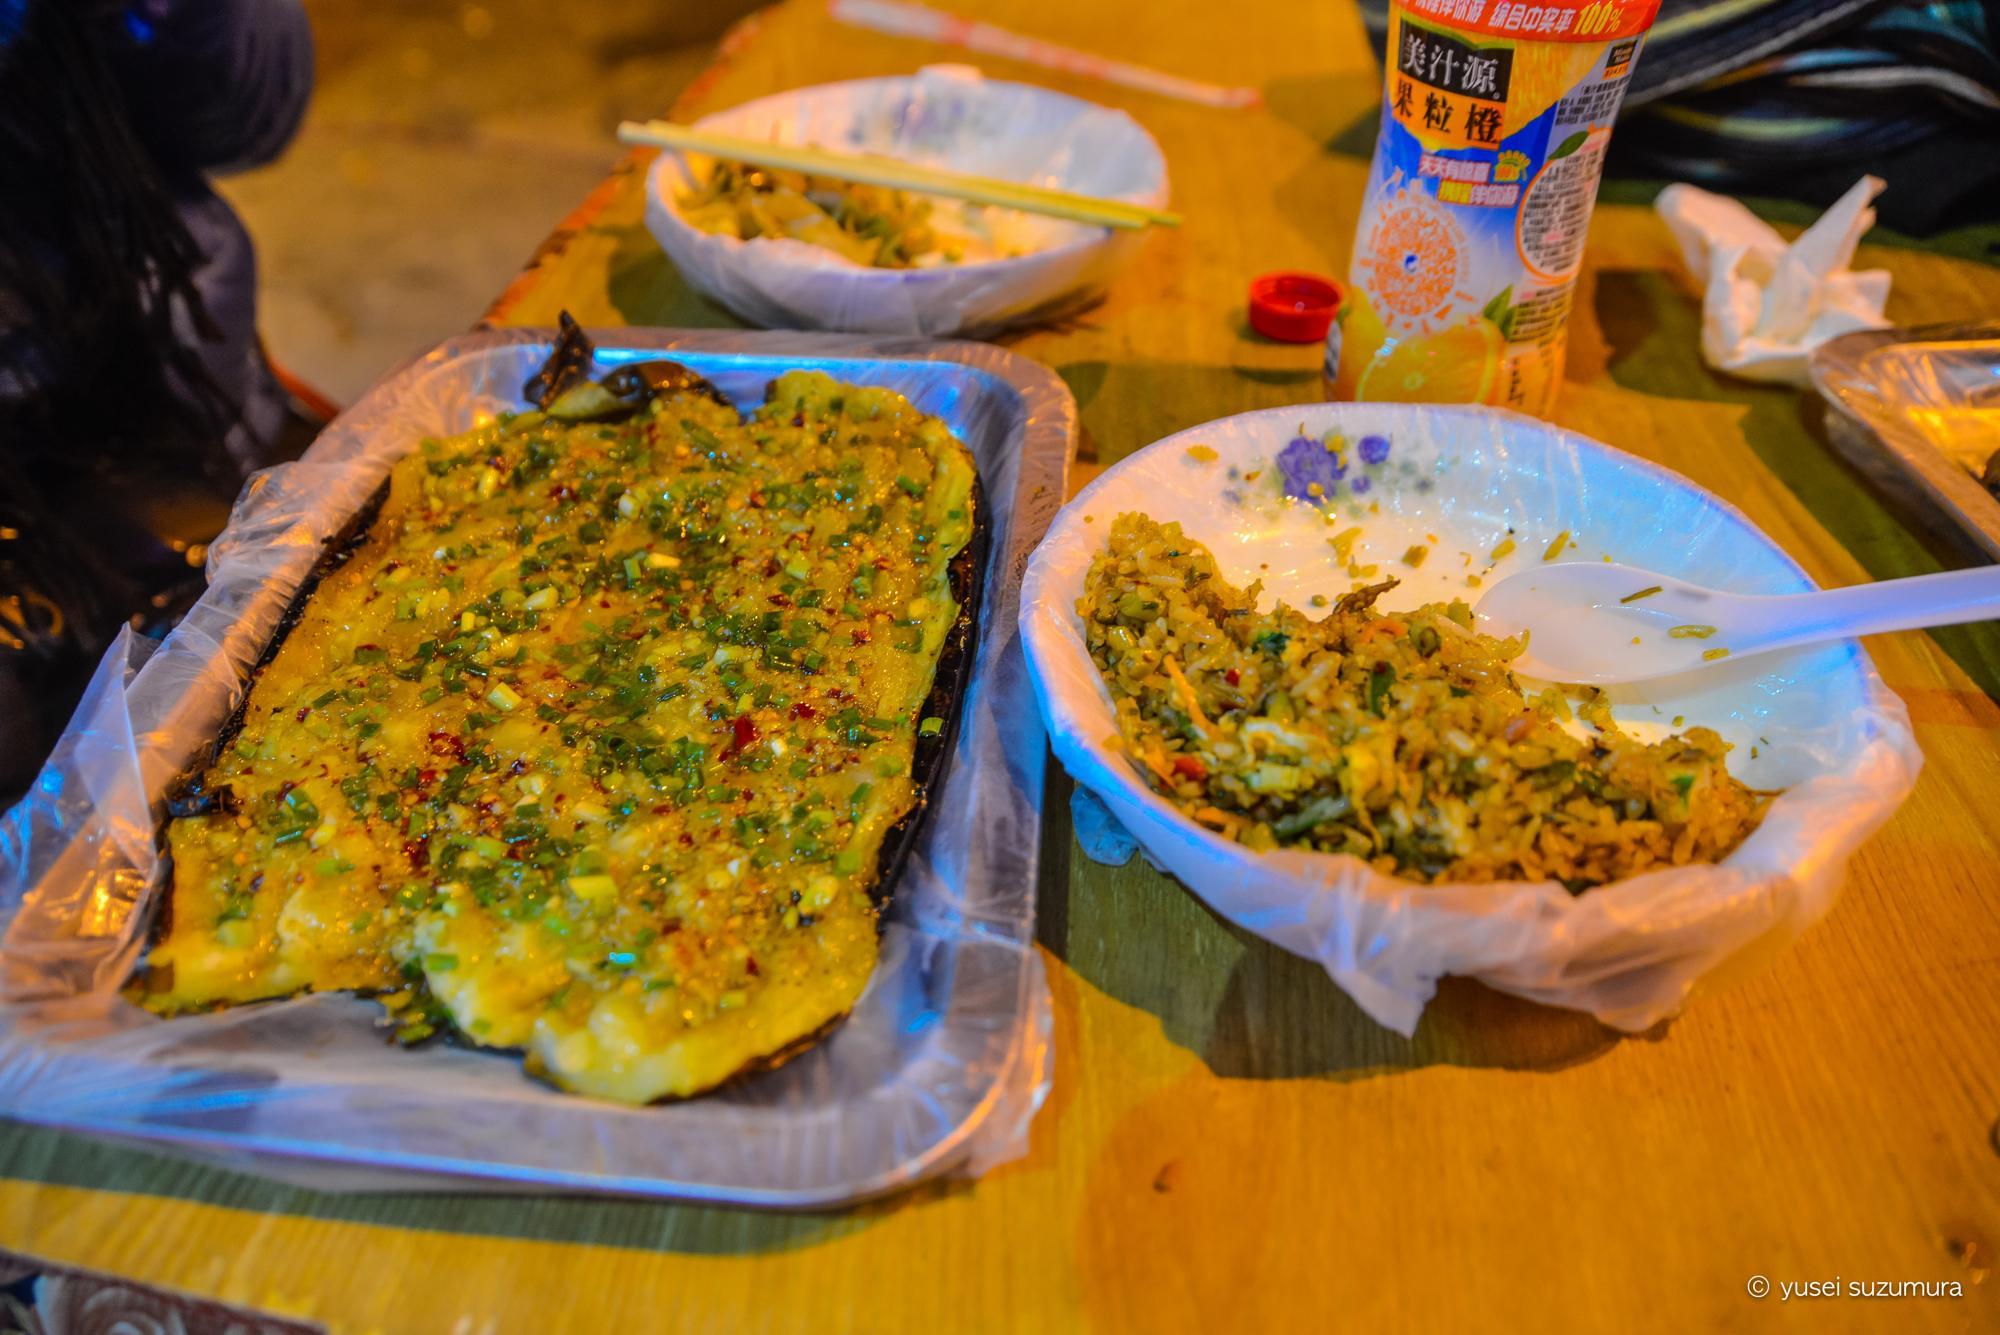 夕食 ナスの焼き物 チャーハン